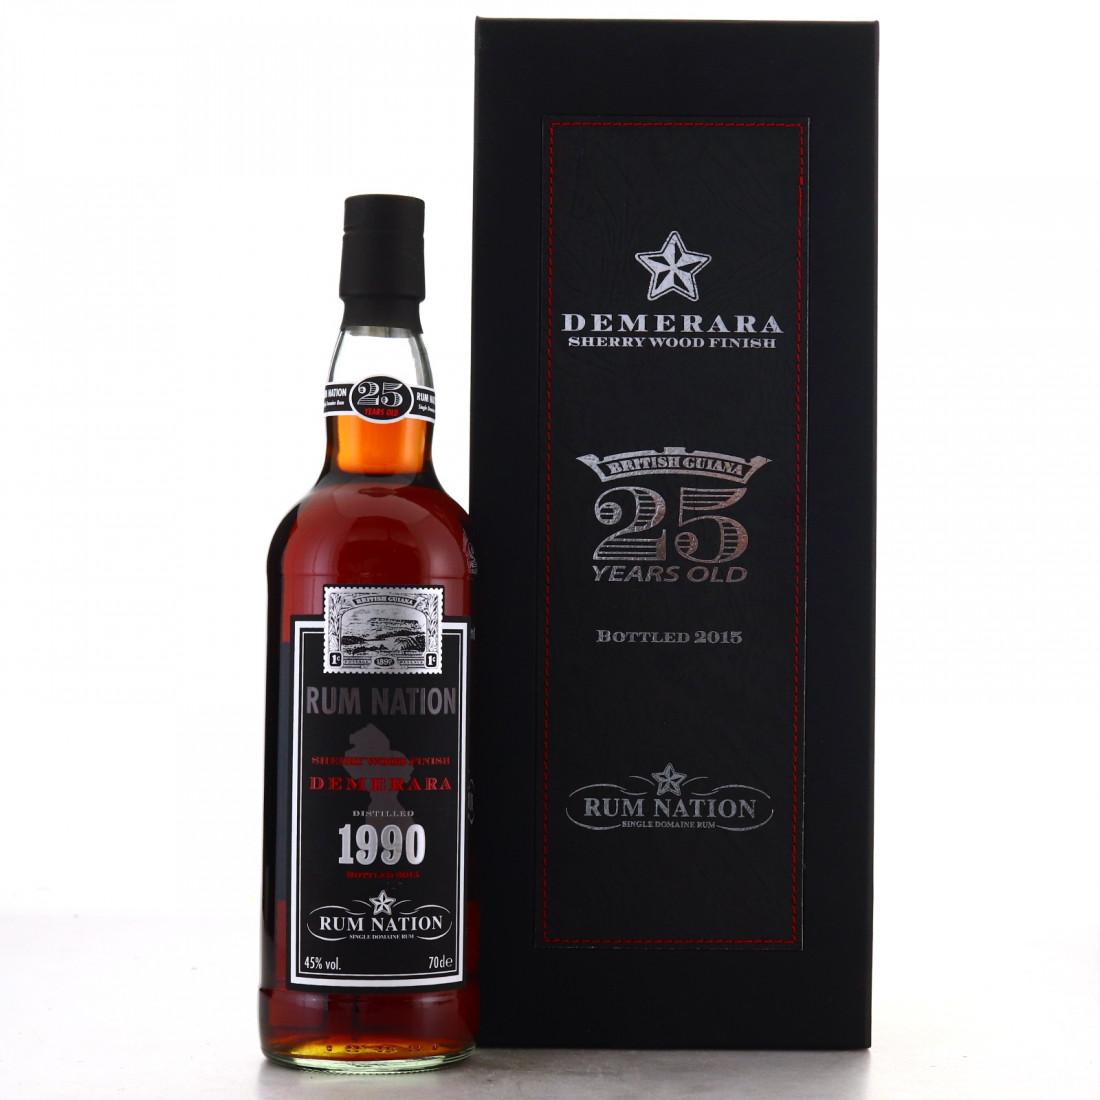 Demerara Rum 1990 Rum Nation 25 Year Old Sherry Wood Finish